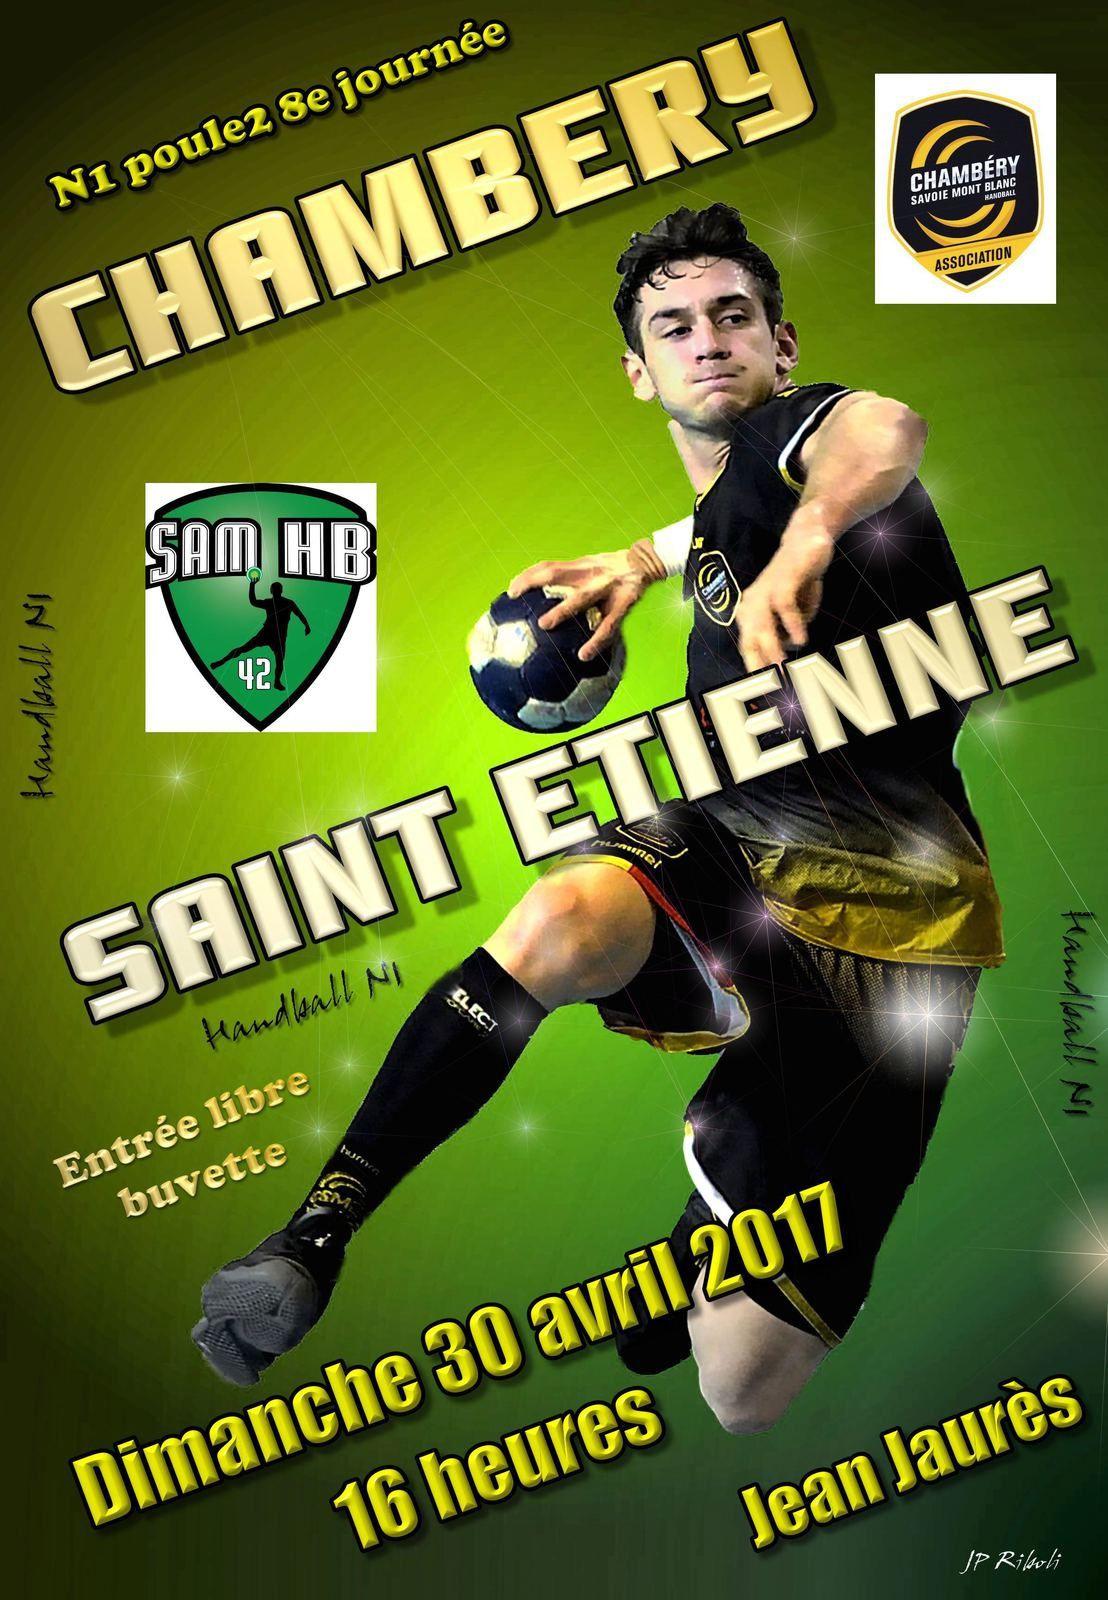 N1 CHAMBERY2 reçoit SAINT-ETIENNE dimanche 30 avril à Jean Jaurès